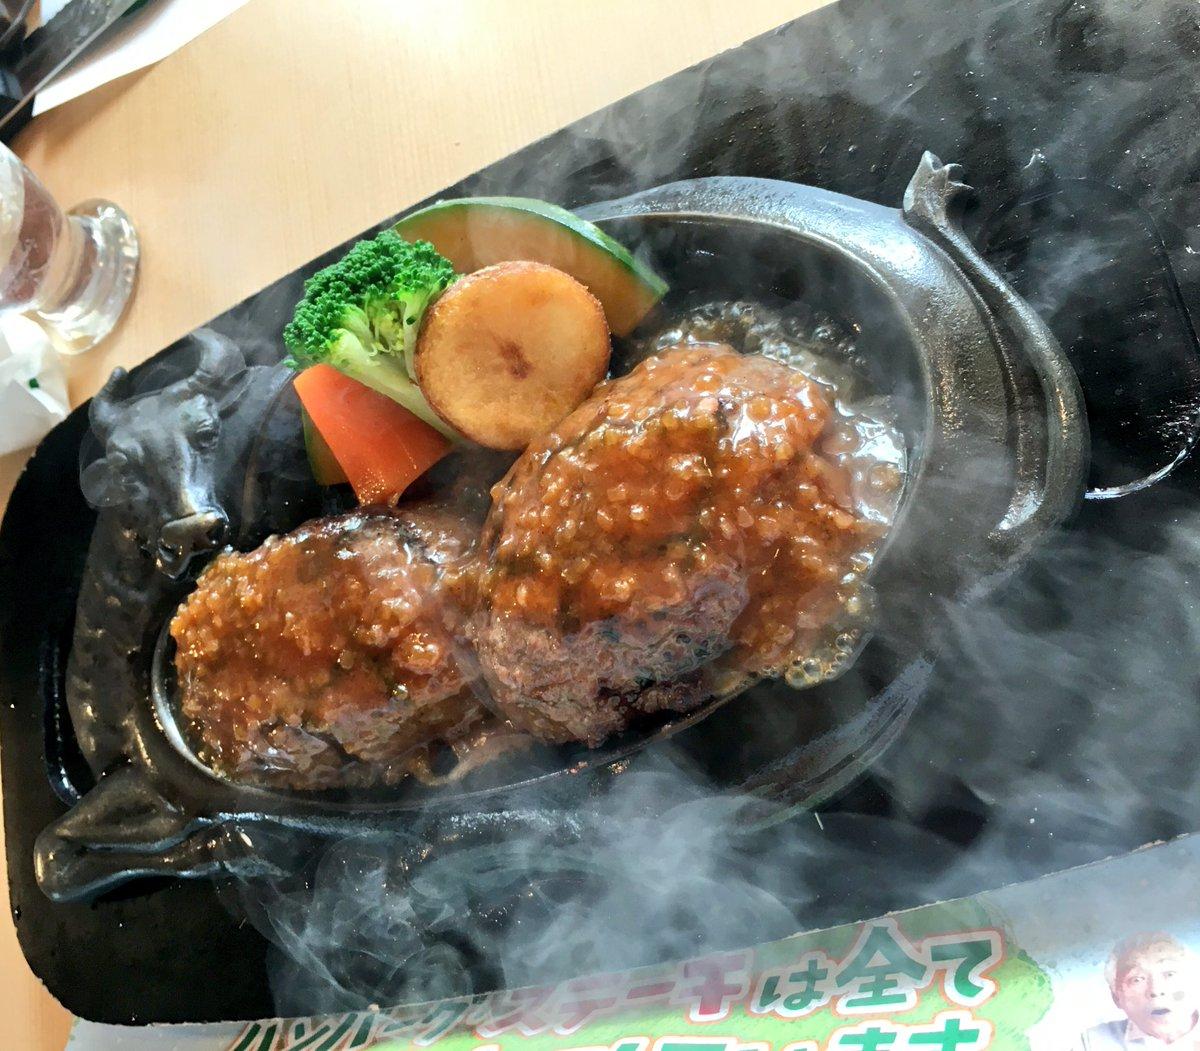 ついに食べられました! ロケの昼食に、静岡名物さわやかのハンバーーーグ!! 溢れ出るビーフ感、ちょい…